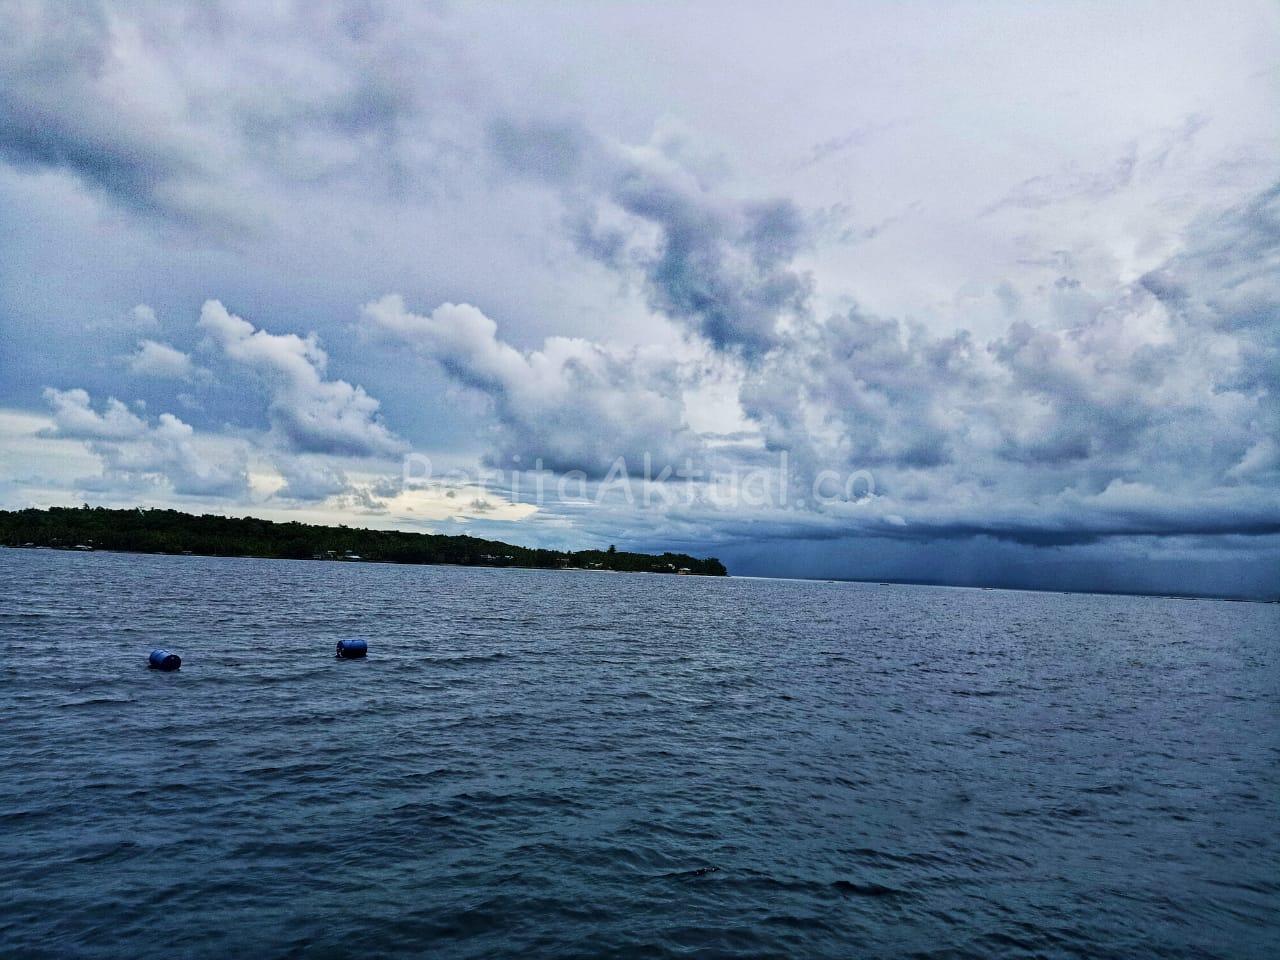 BMKG Keluarkan Peringatan Dini Cuaca Extrim di Perairan Manokwari, Raja Ampat Dan Sorong 26 IMG 20200806 WA0028